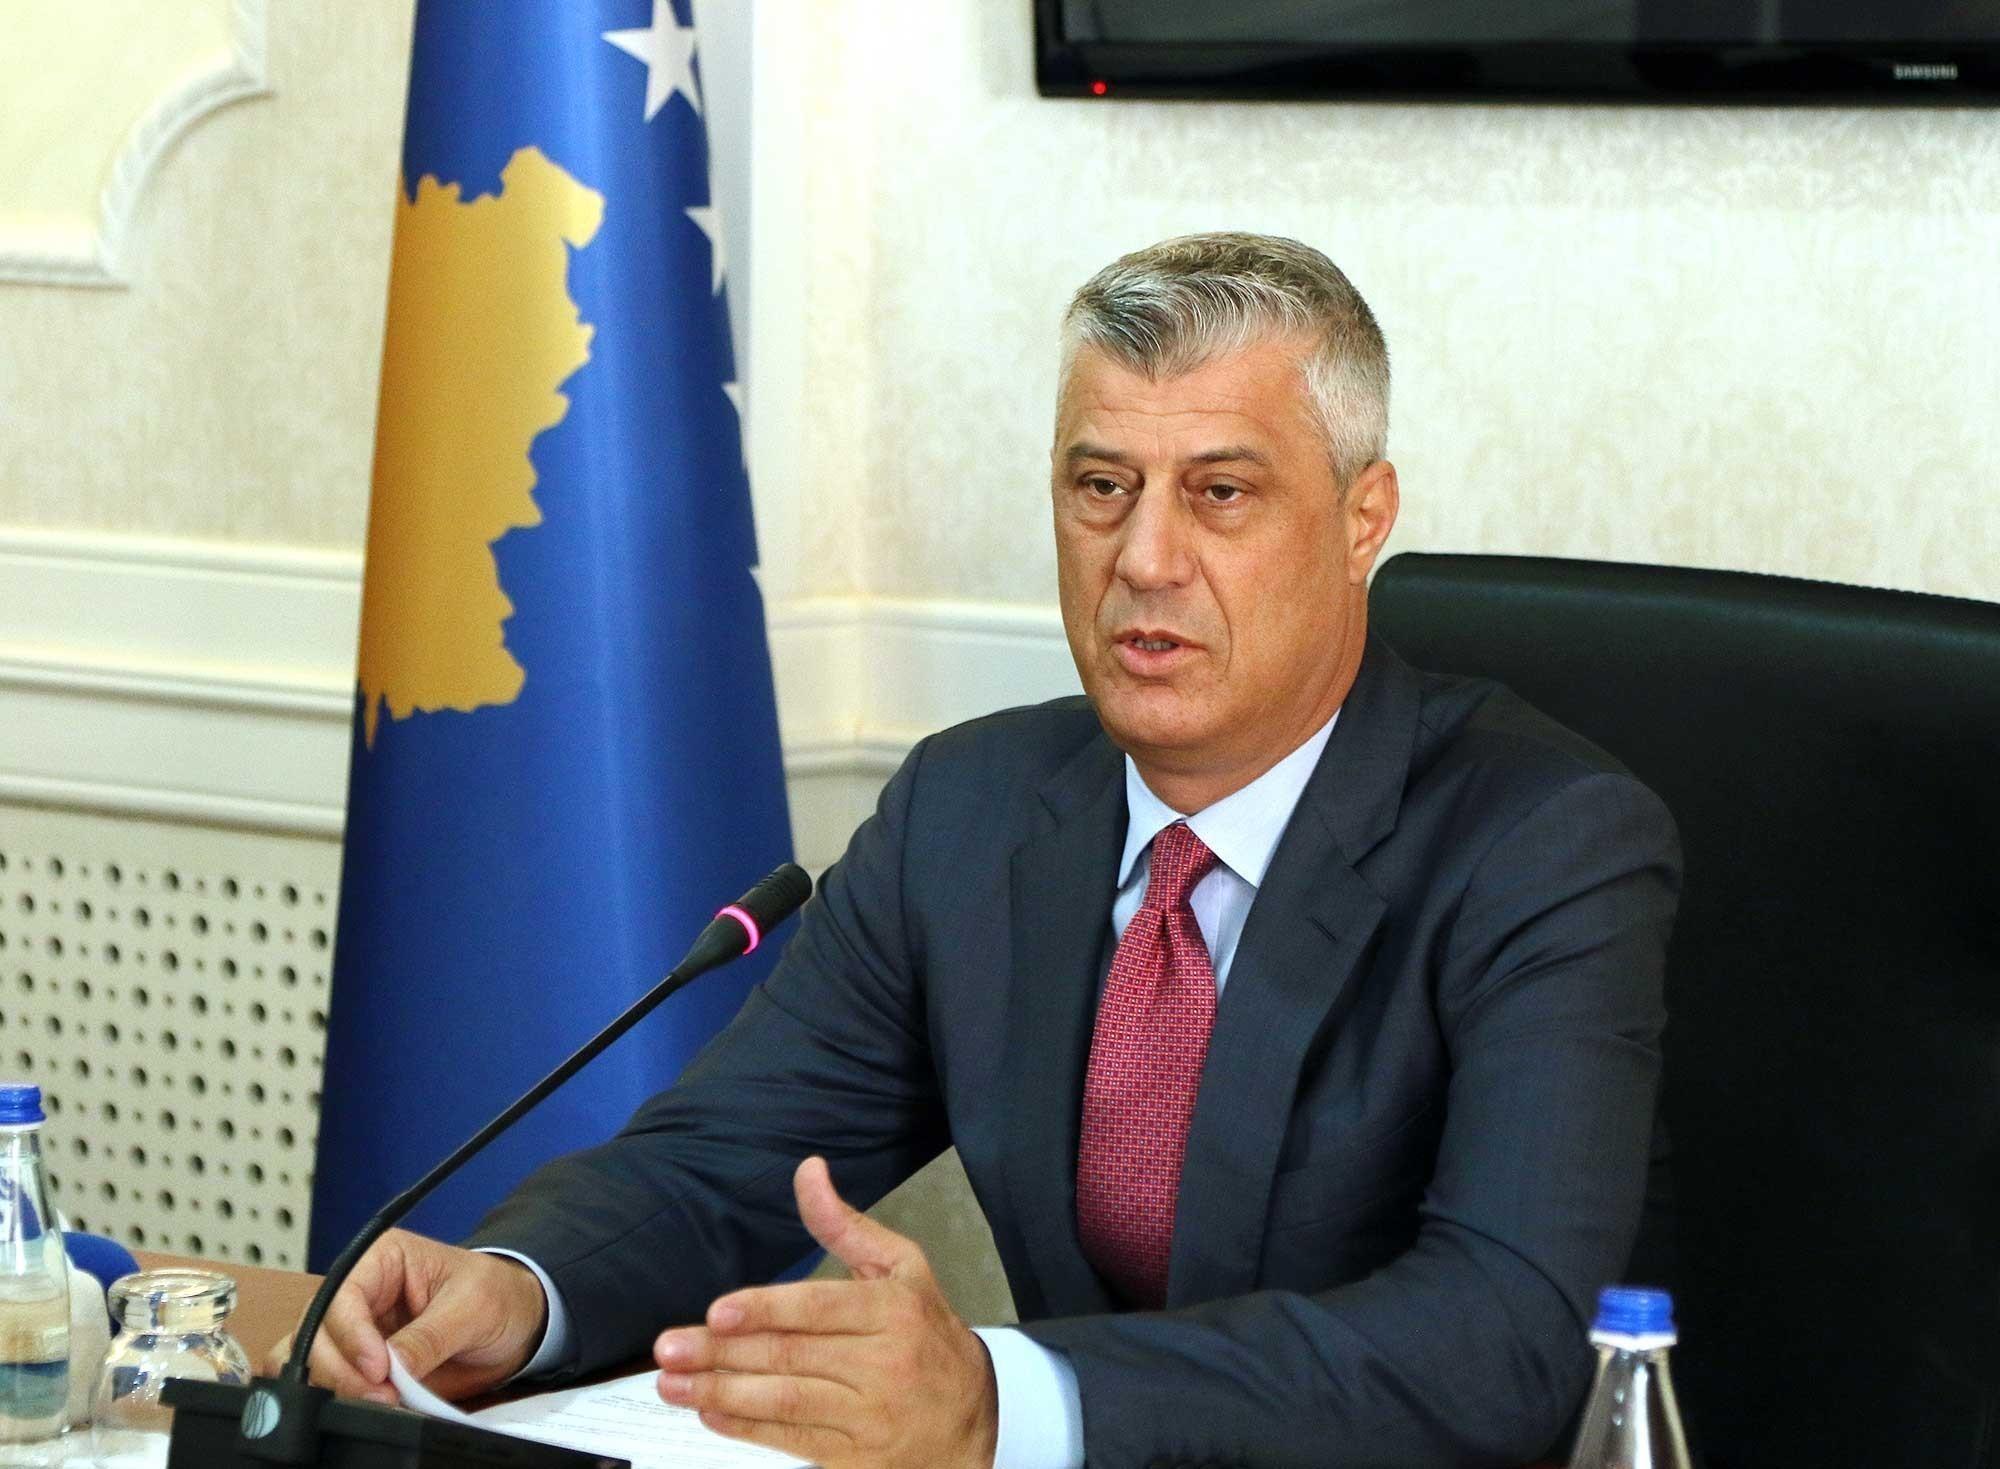 Το Κοσσυφοπέδιο απορρίπτει την πρόταση για τη Μίνι-Σένγκεν των Βαλκανίων